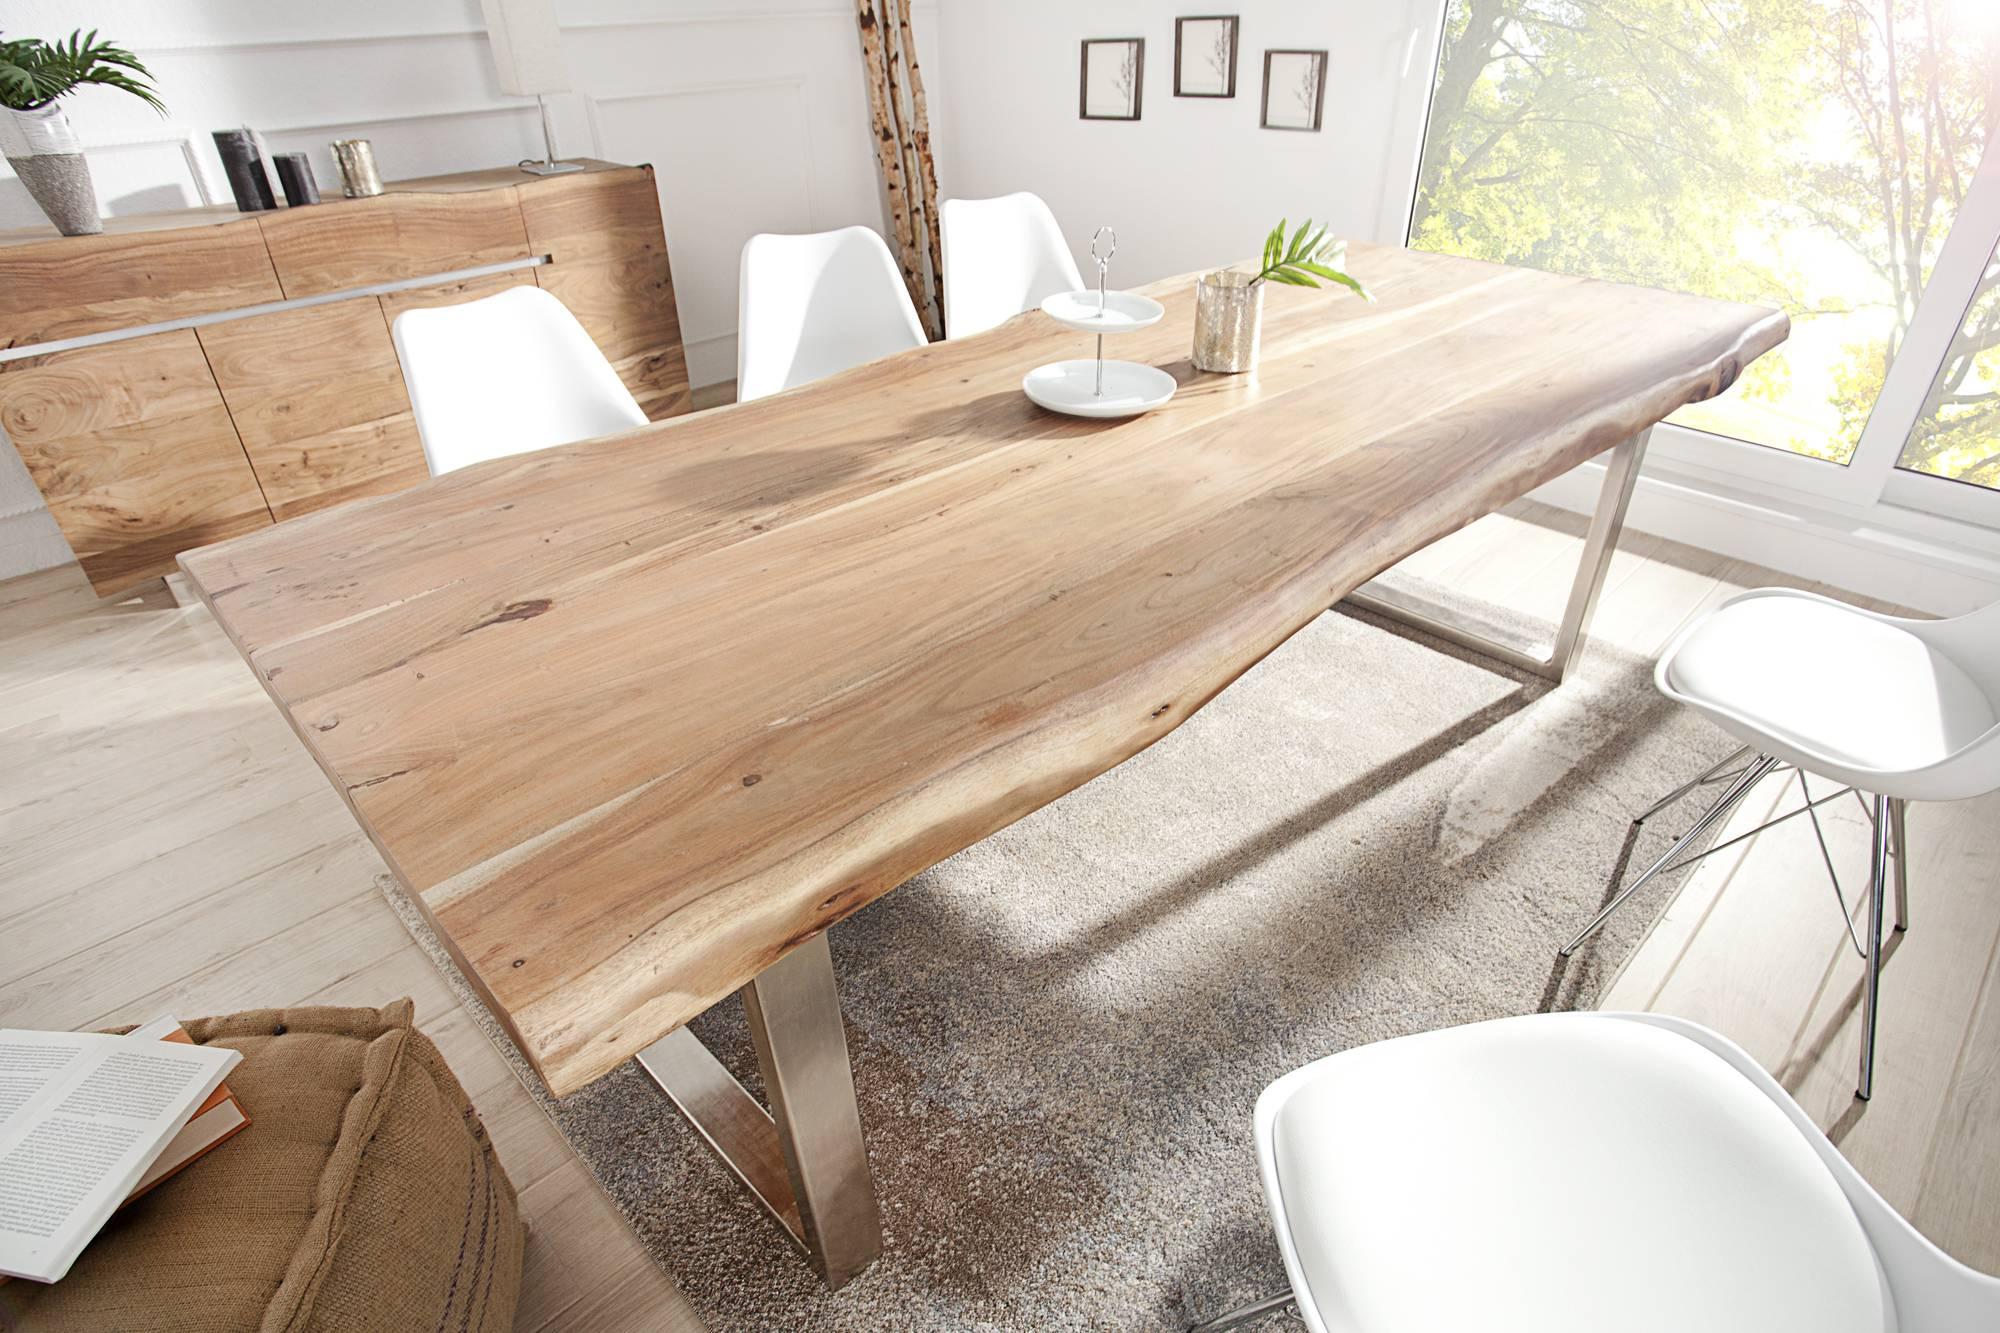 Luxusný jedálenský stôl z masívu Massive II New 200cm, moderná jedáleň